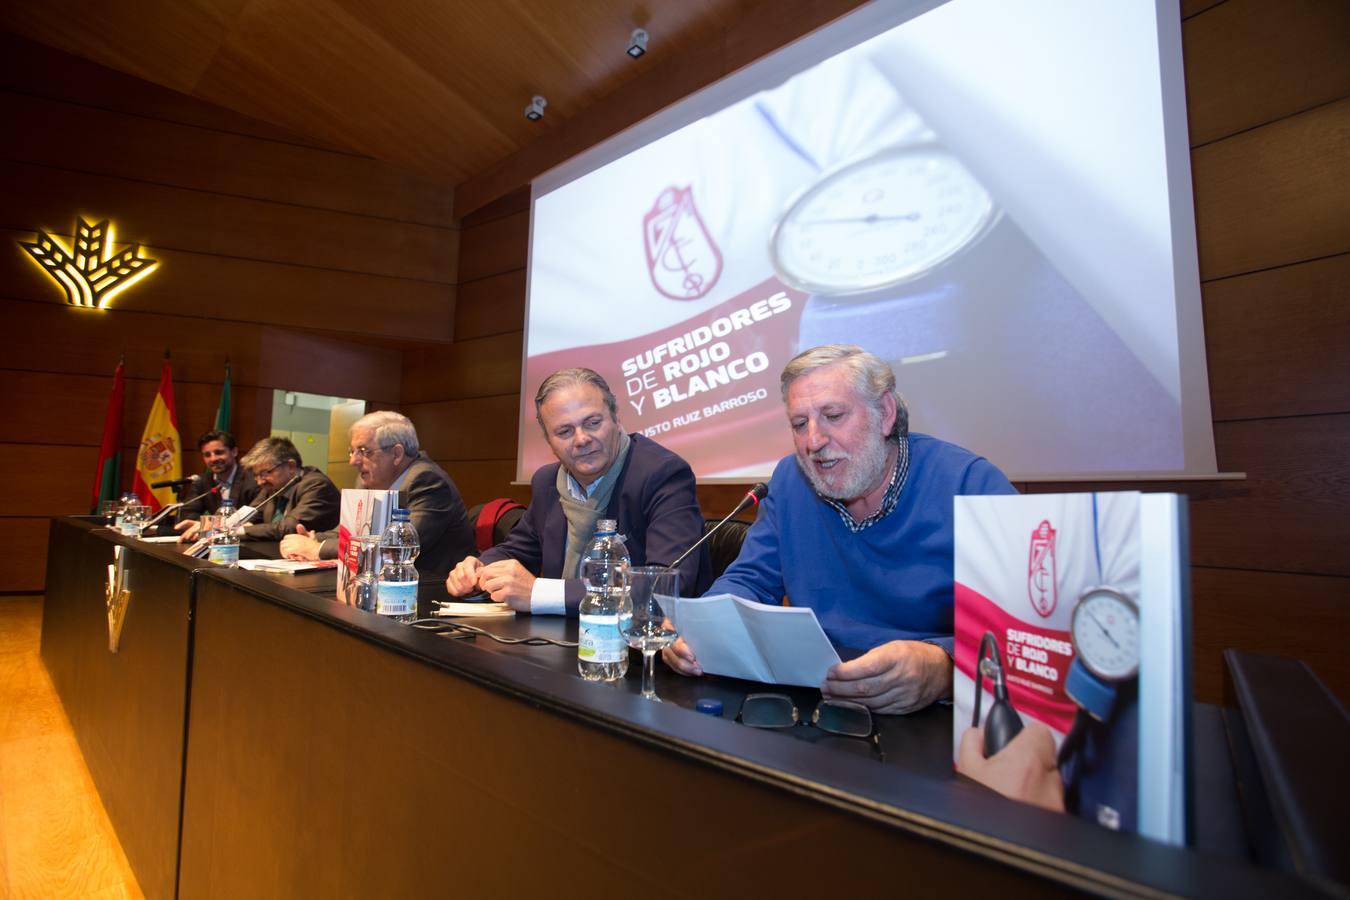 Presentado sufridores en rojo y blanco de justo ruiz for Caja de granada oficinas